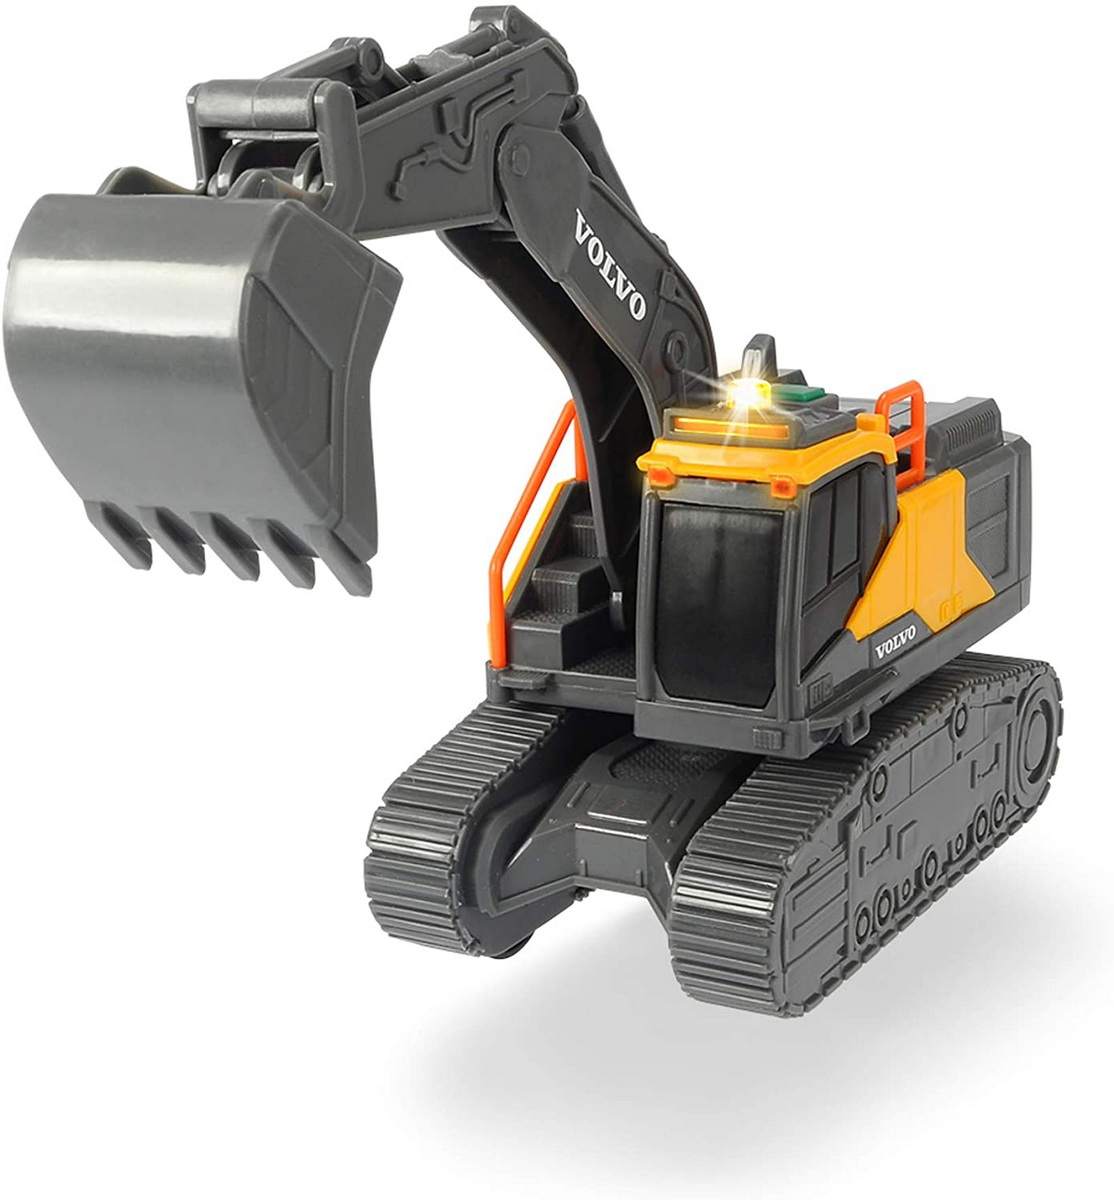 Jucarie - Volvo Excavator cu senile / Tracked Excavator | Dickie Toys - 2